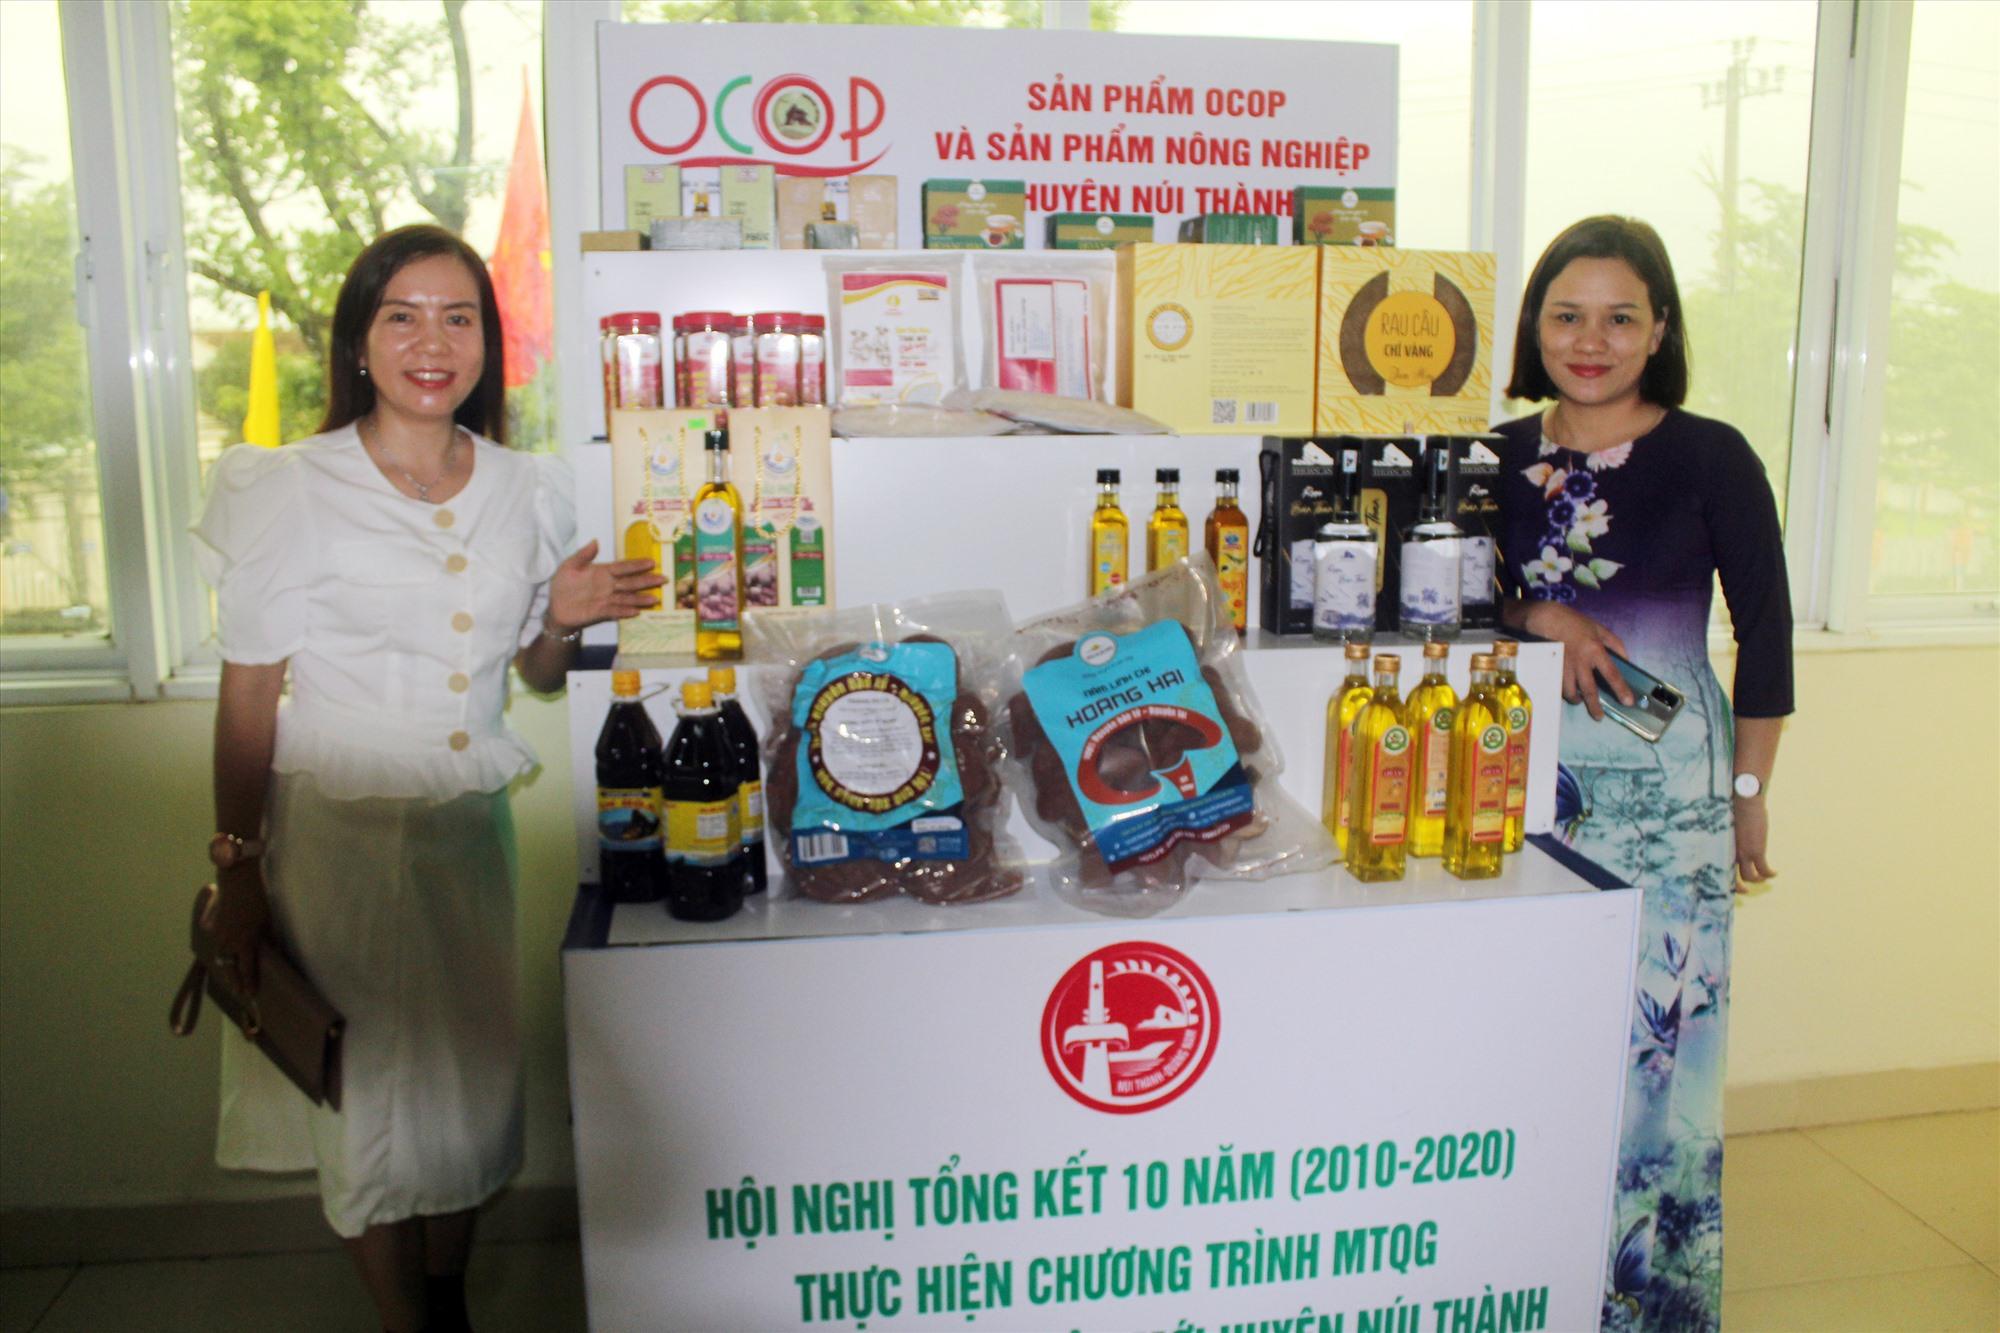 Núi Thành hiện có 13 sản phẩm OCOP được công nhận 3 sao cấp tỉnh. Ảnh: V.P